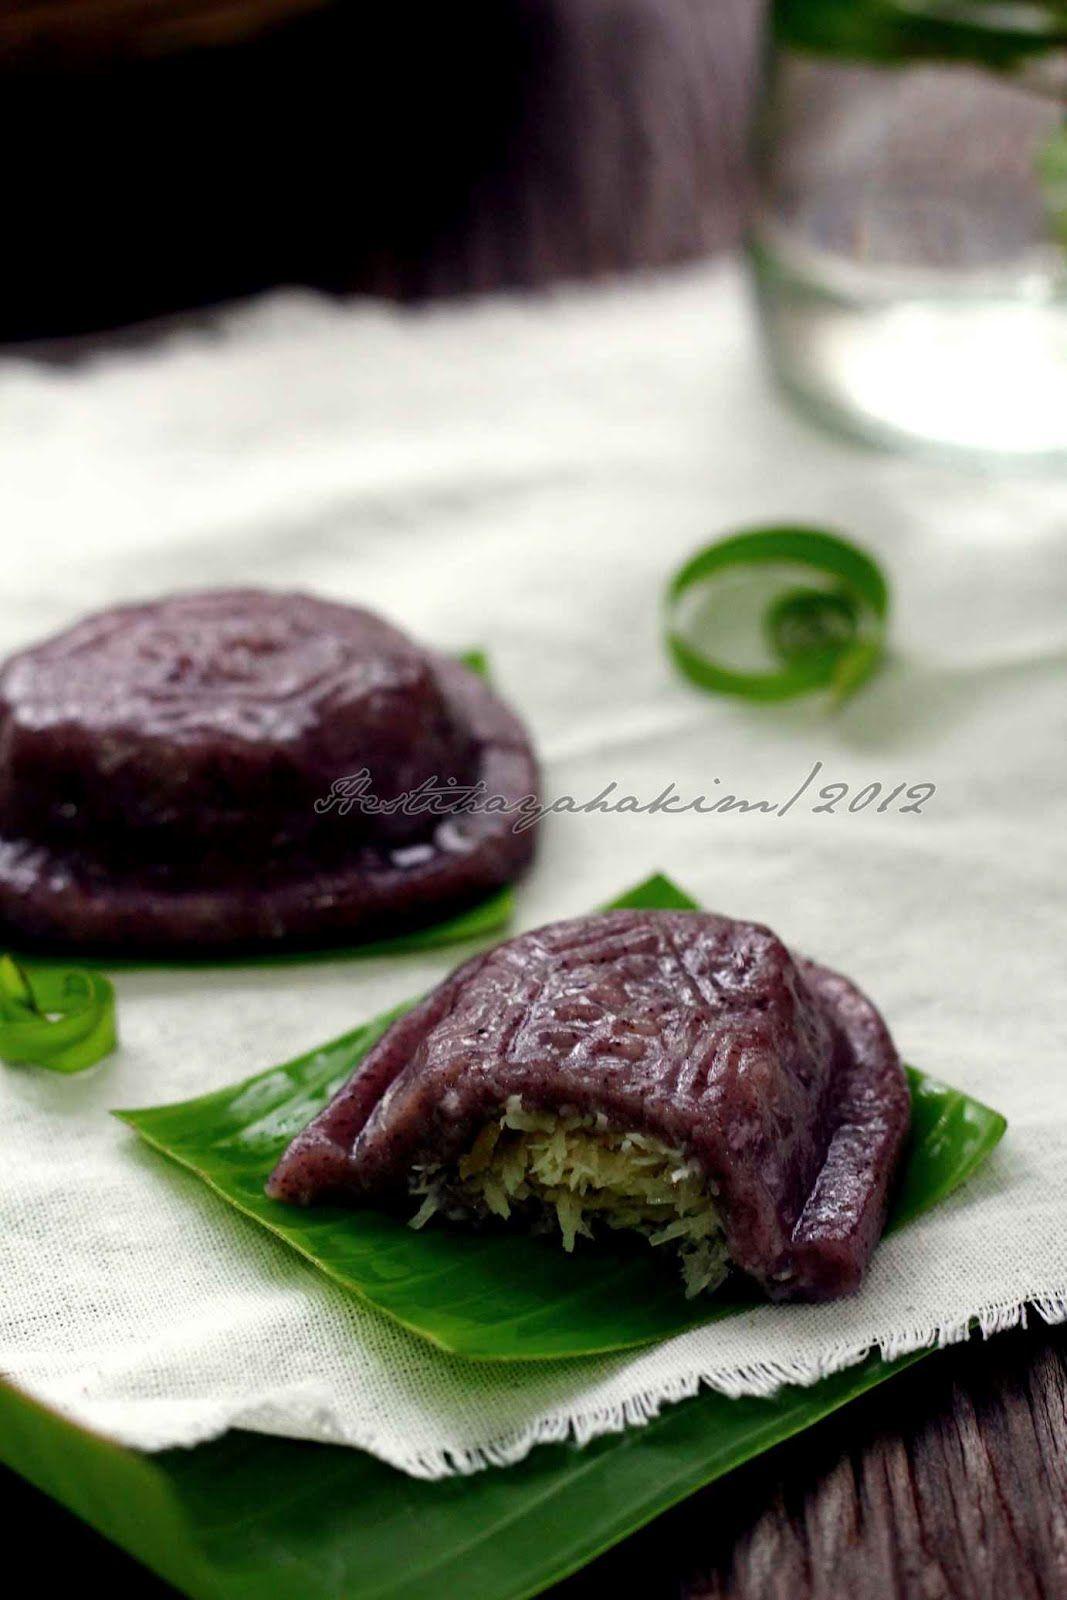 Hesti S Kitchen Yummy For Your Tummy Kue Ku Ketan Hitam Resep Masakan Indonesia Kue Makanan Dan Minuman